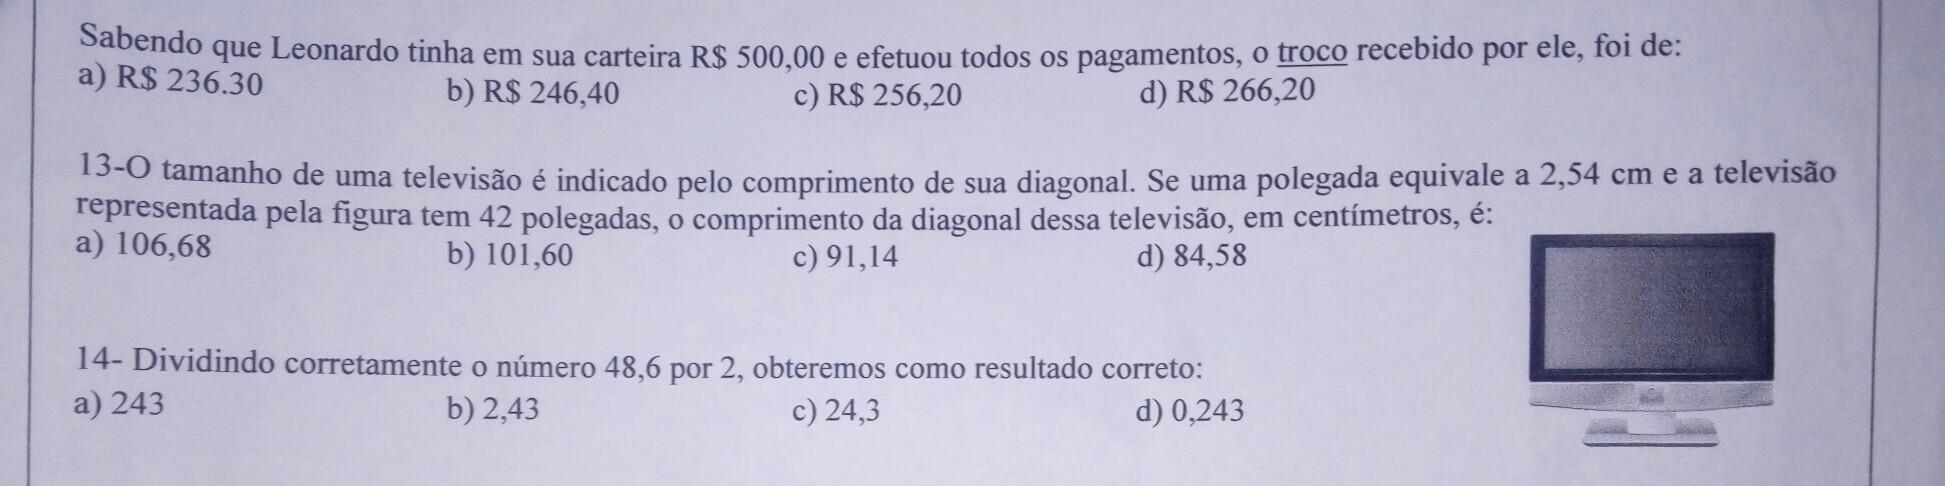 531615594 URGEENTEE!!!!13- o tamanho de uma televisão é indicado pelo ...